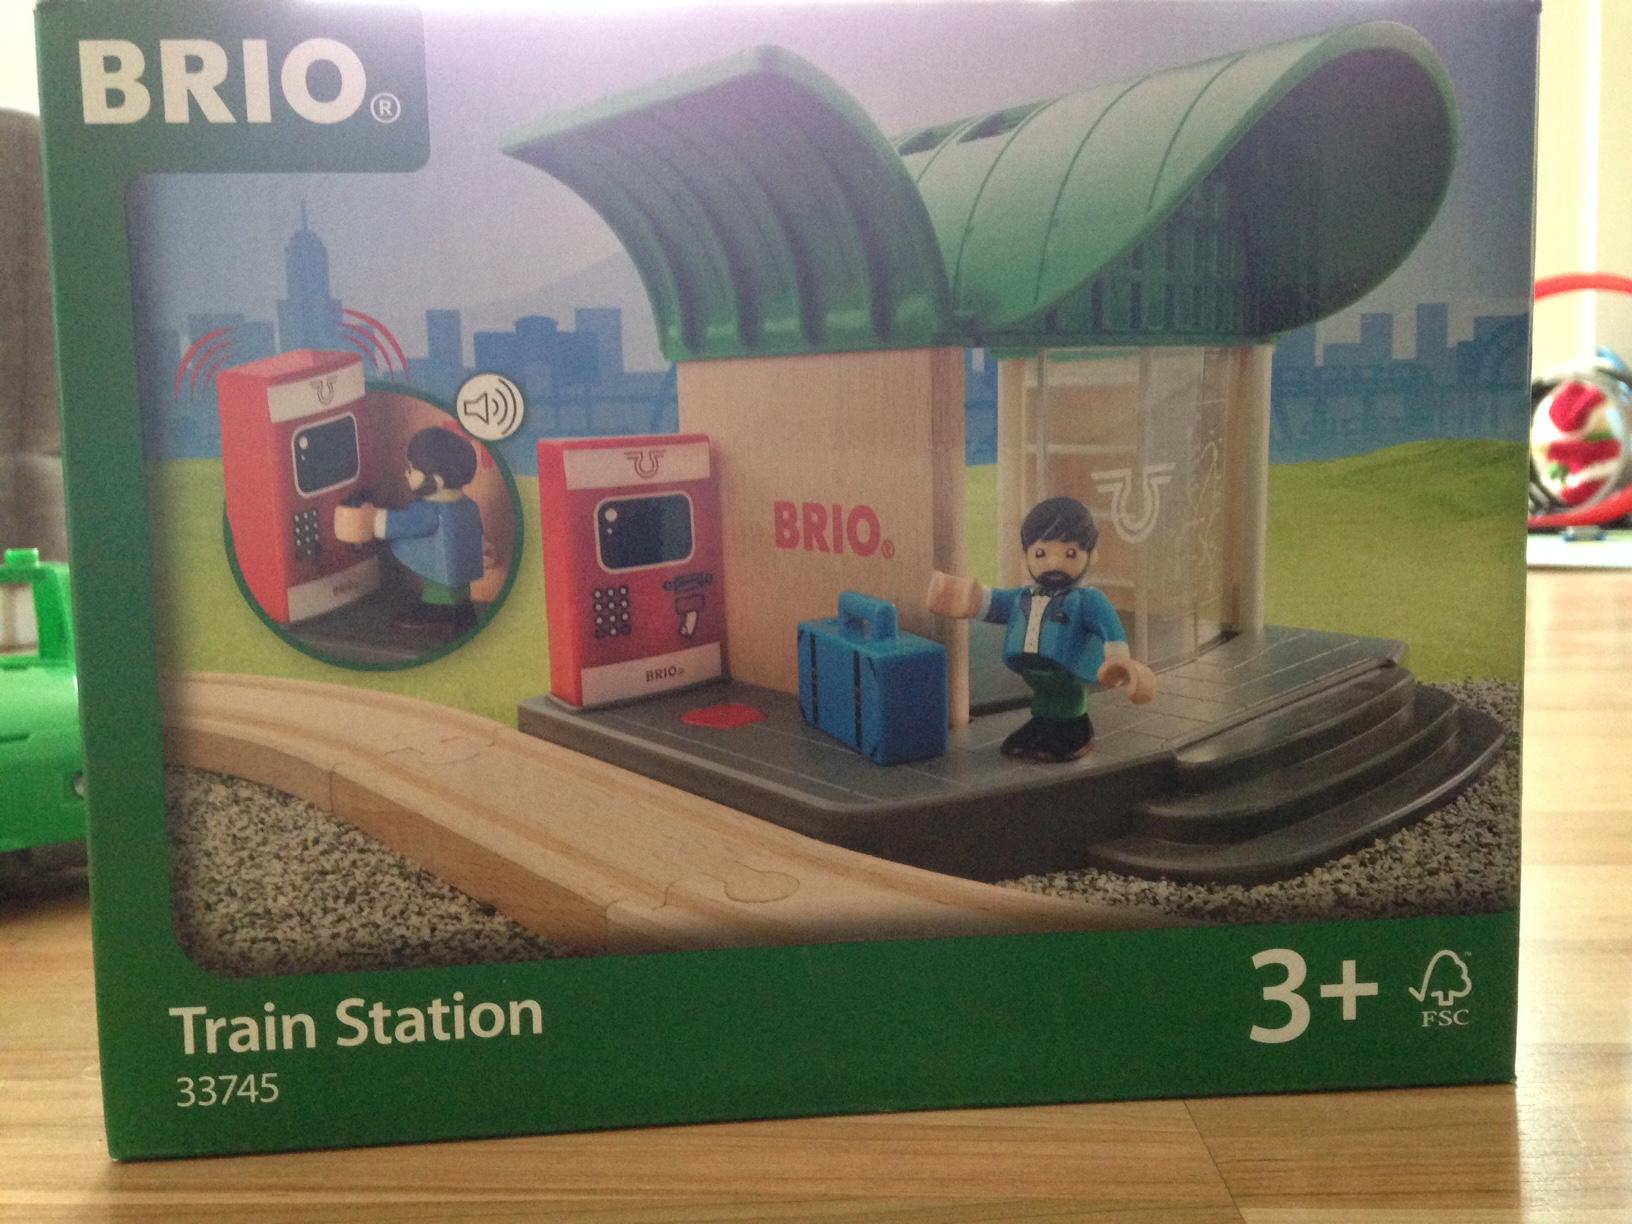 Brio_train-station